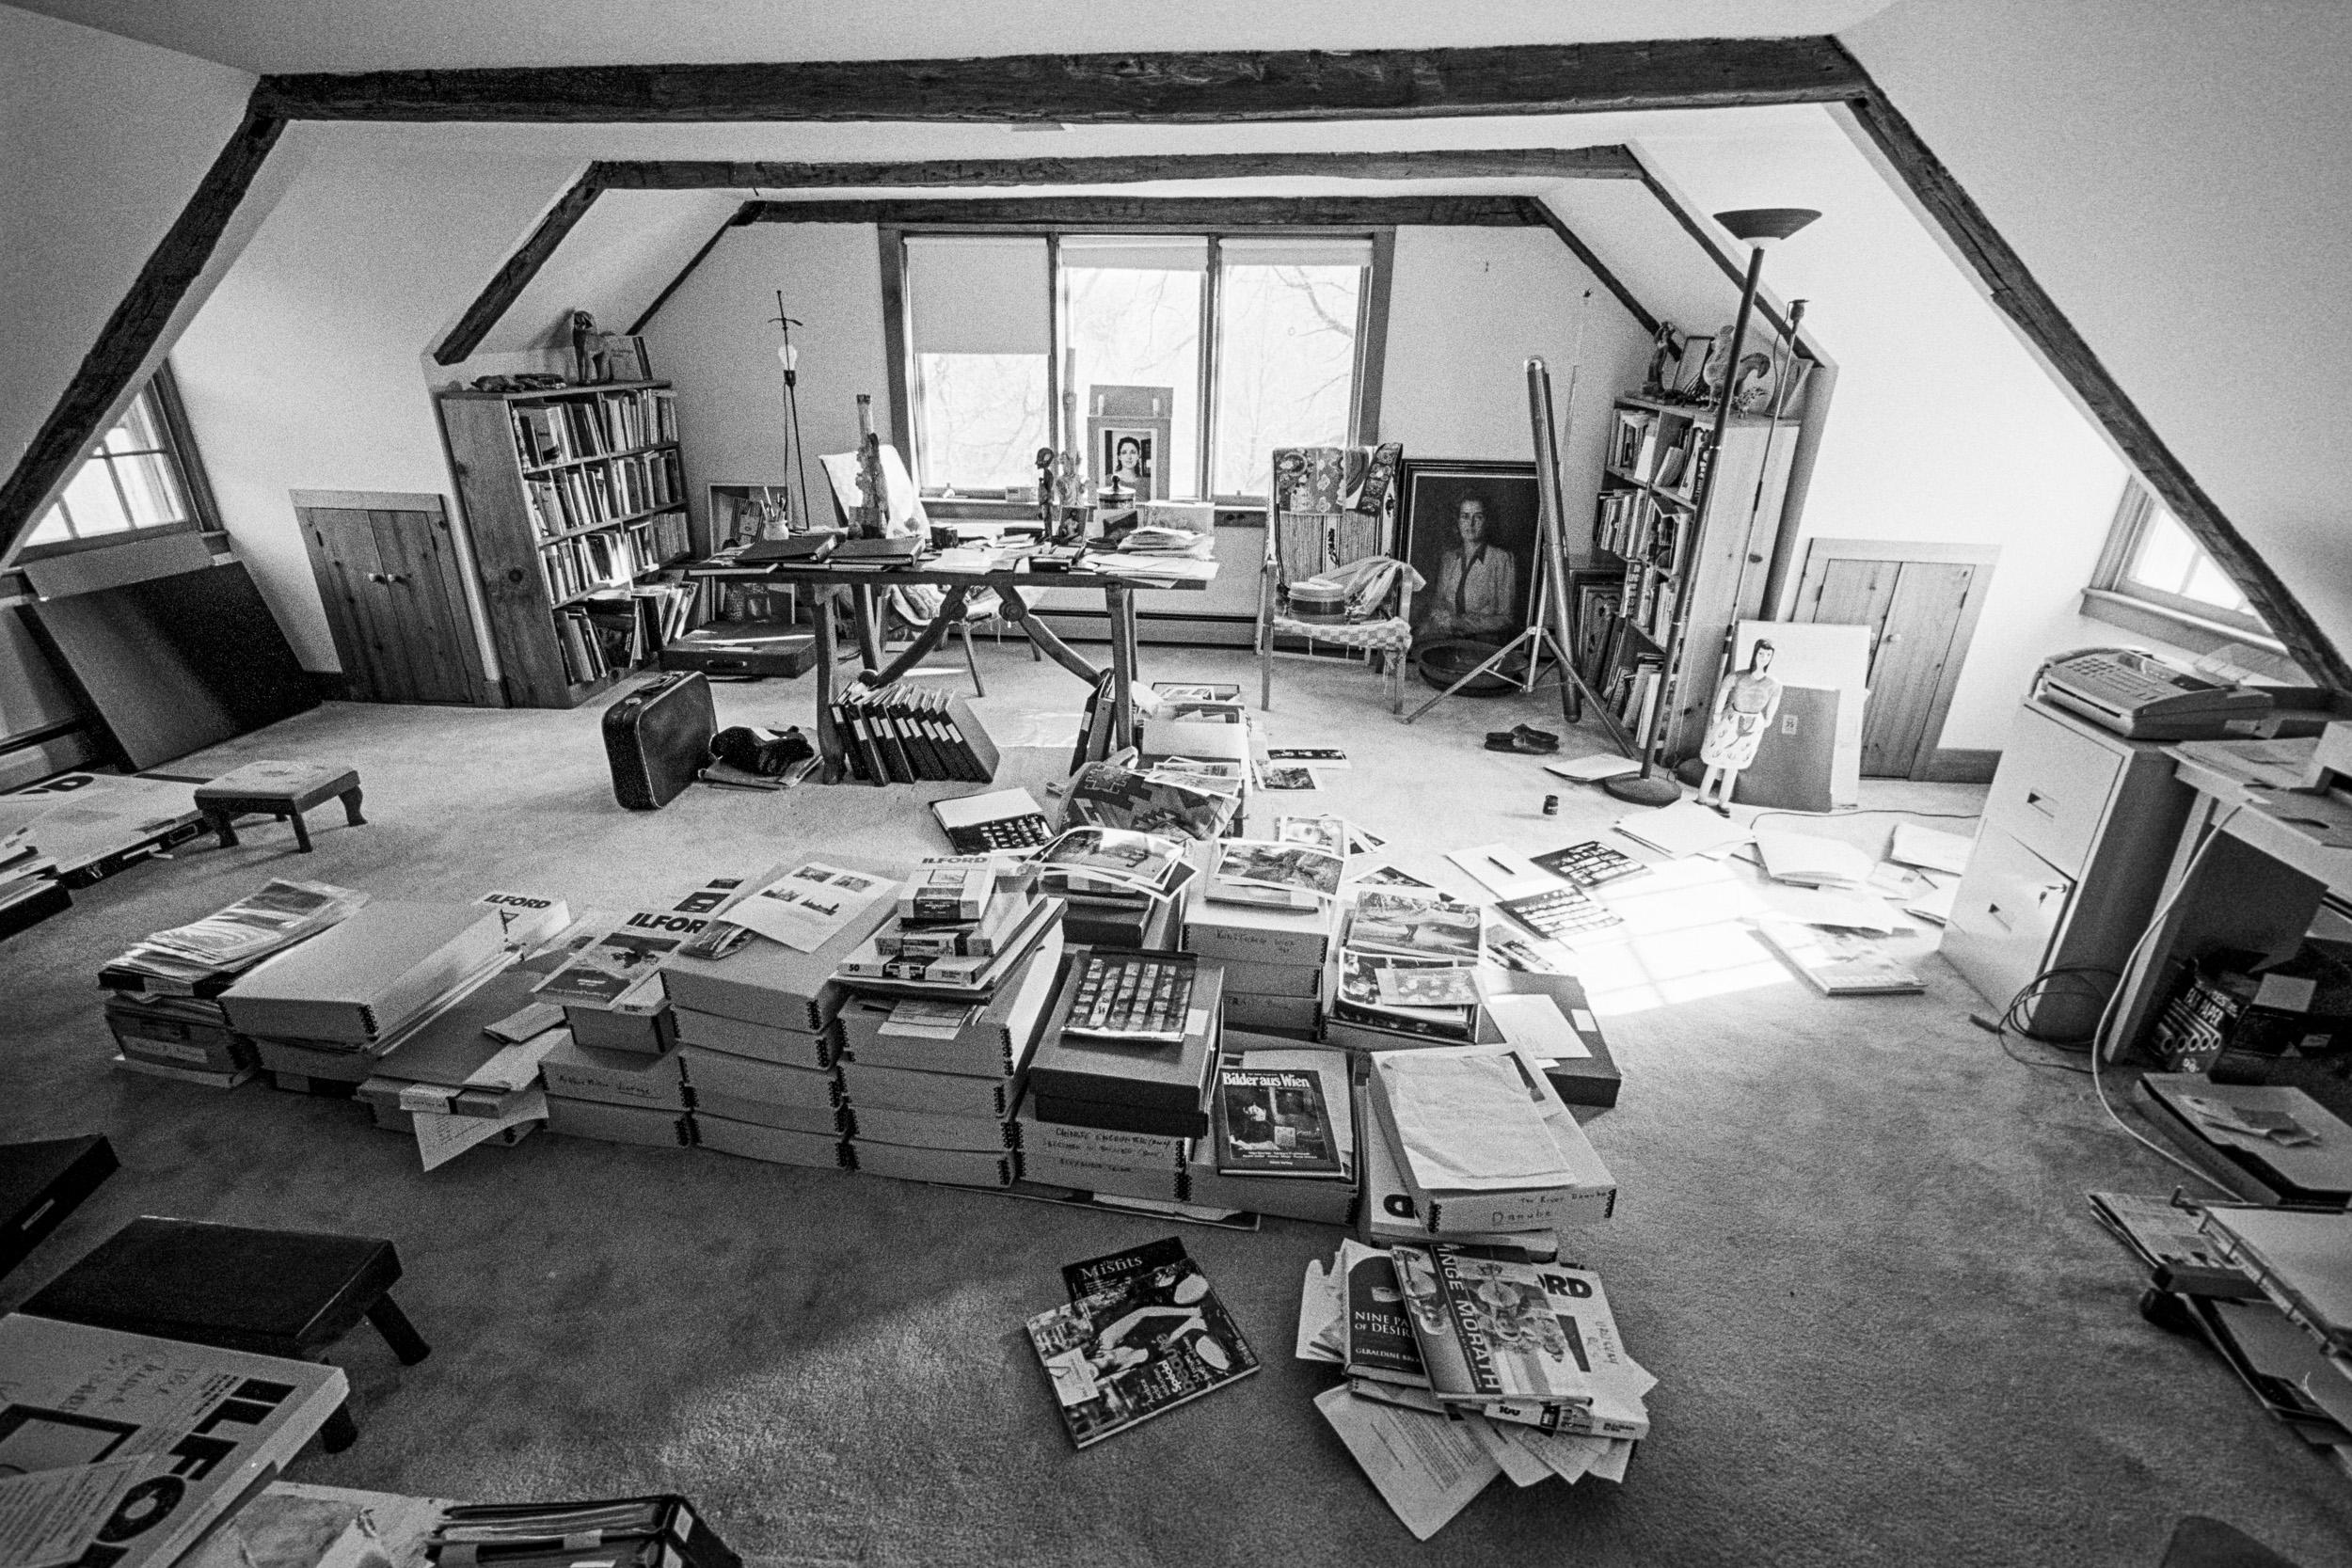 Podstrešni atelje Inge Morath, Roxbury, Connecticut, ZDA, 1998, © Kurt Kaindl / FOTOHOF archiv